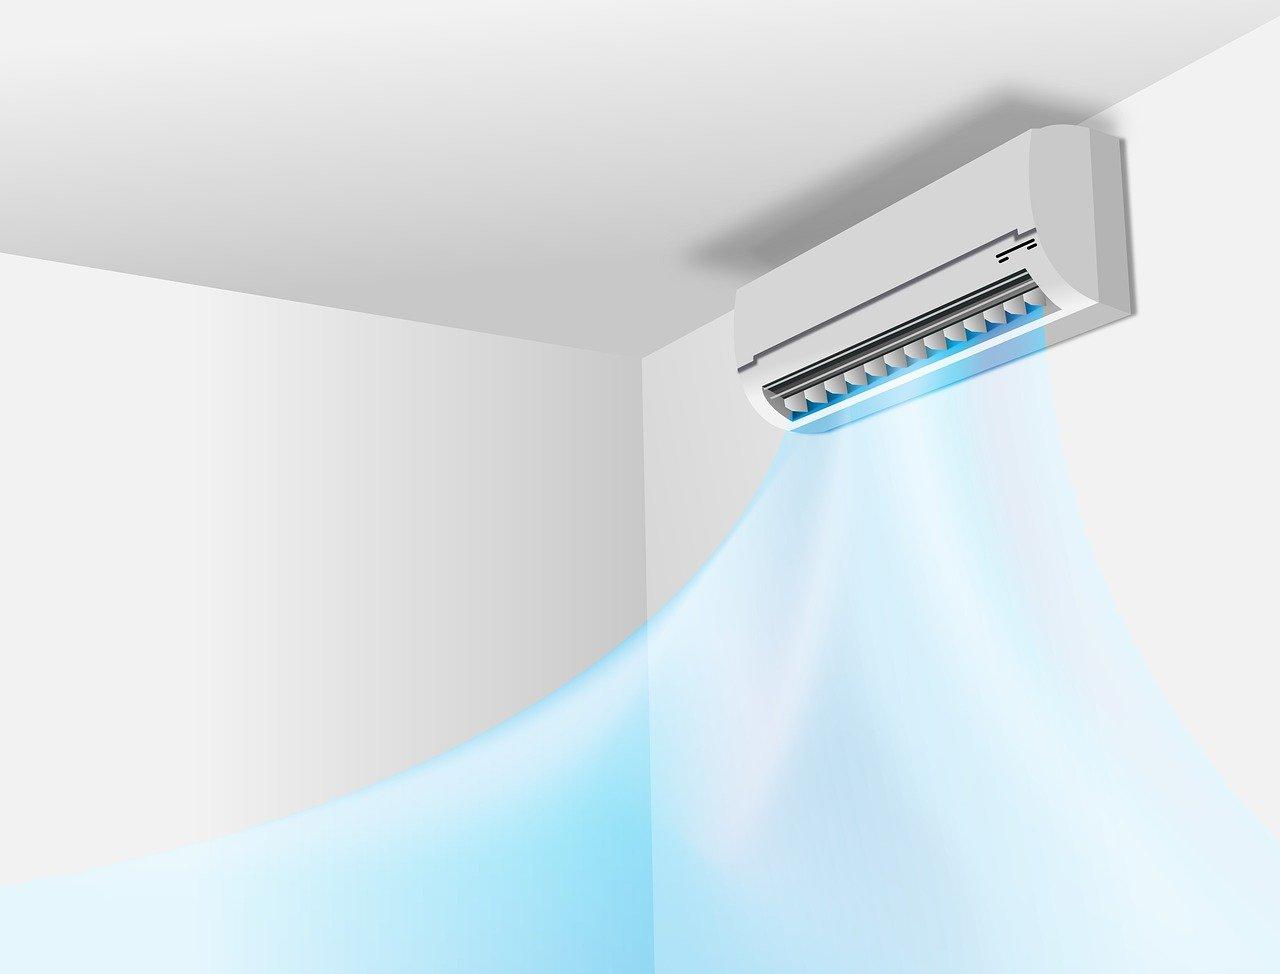 Quels sont les avantages d'un entretien régulier du système de climatisation ?